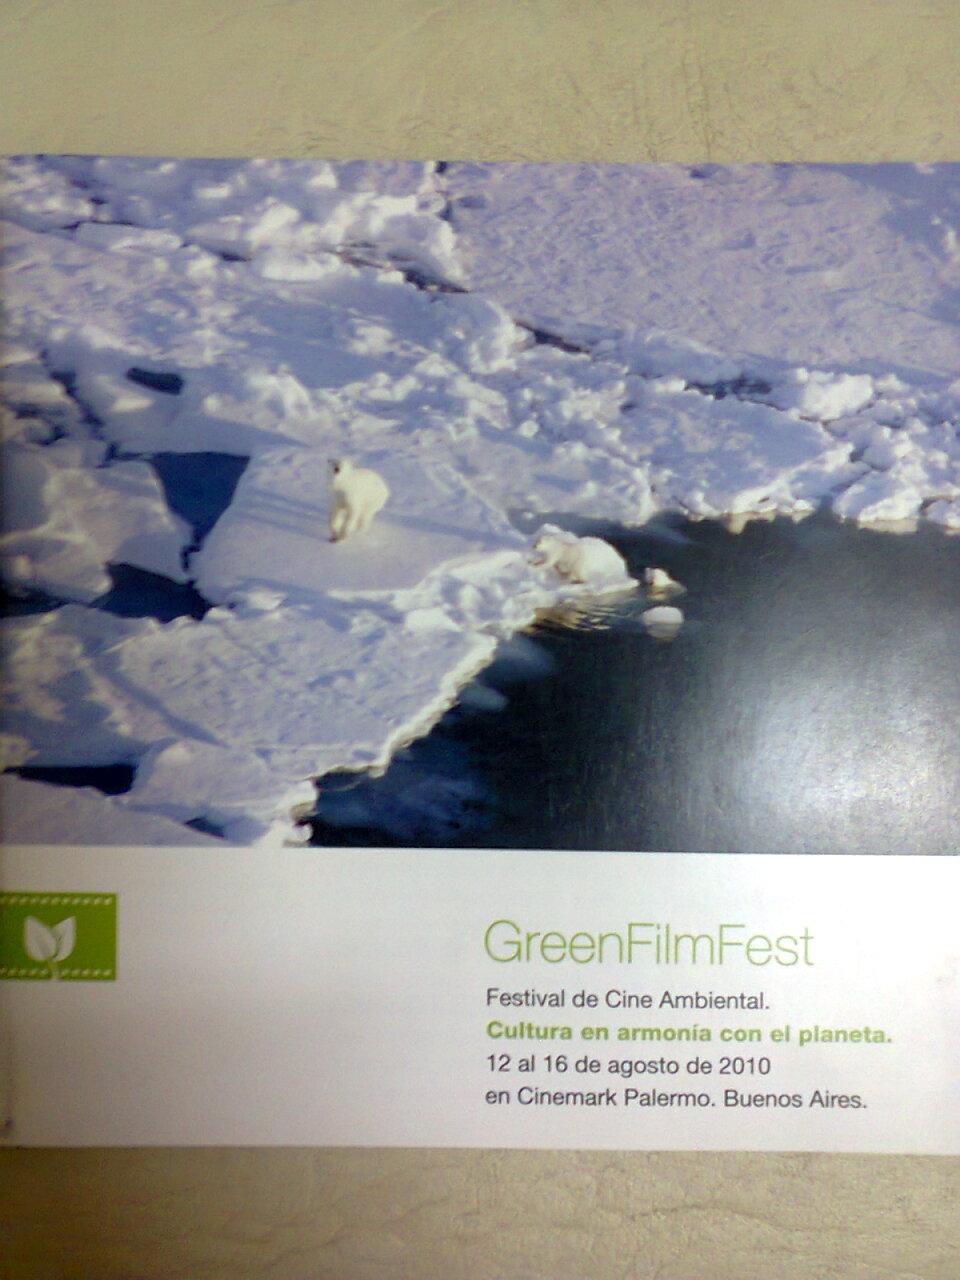 imagen 1 greenfilmfest